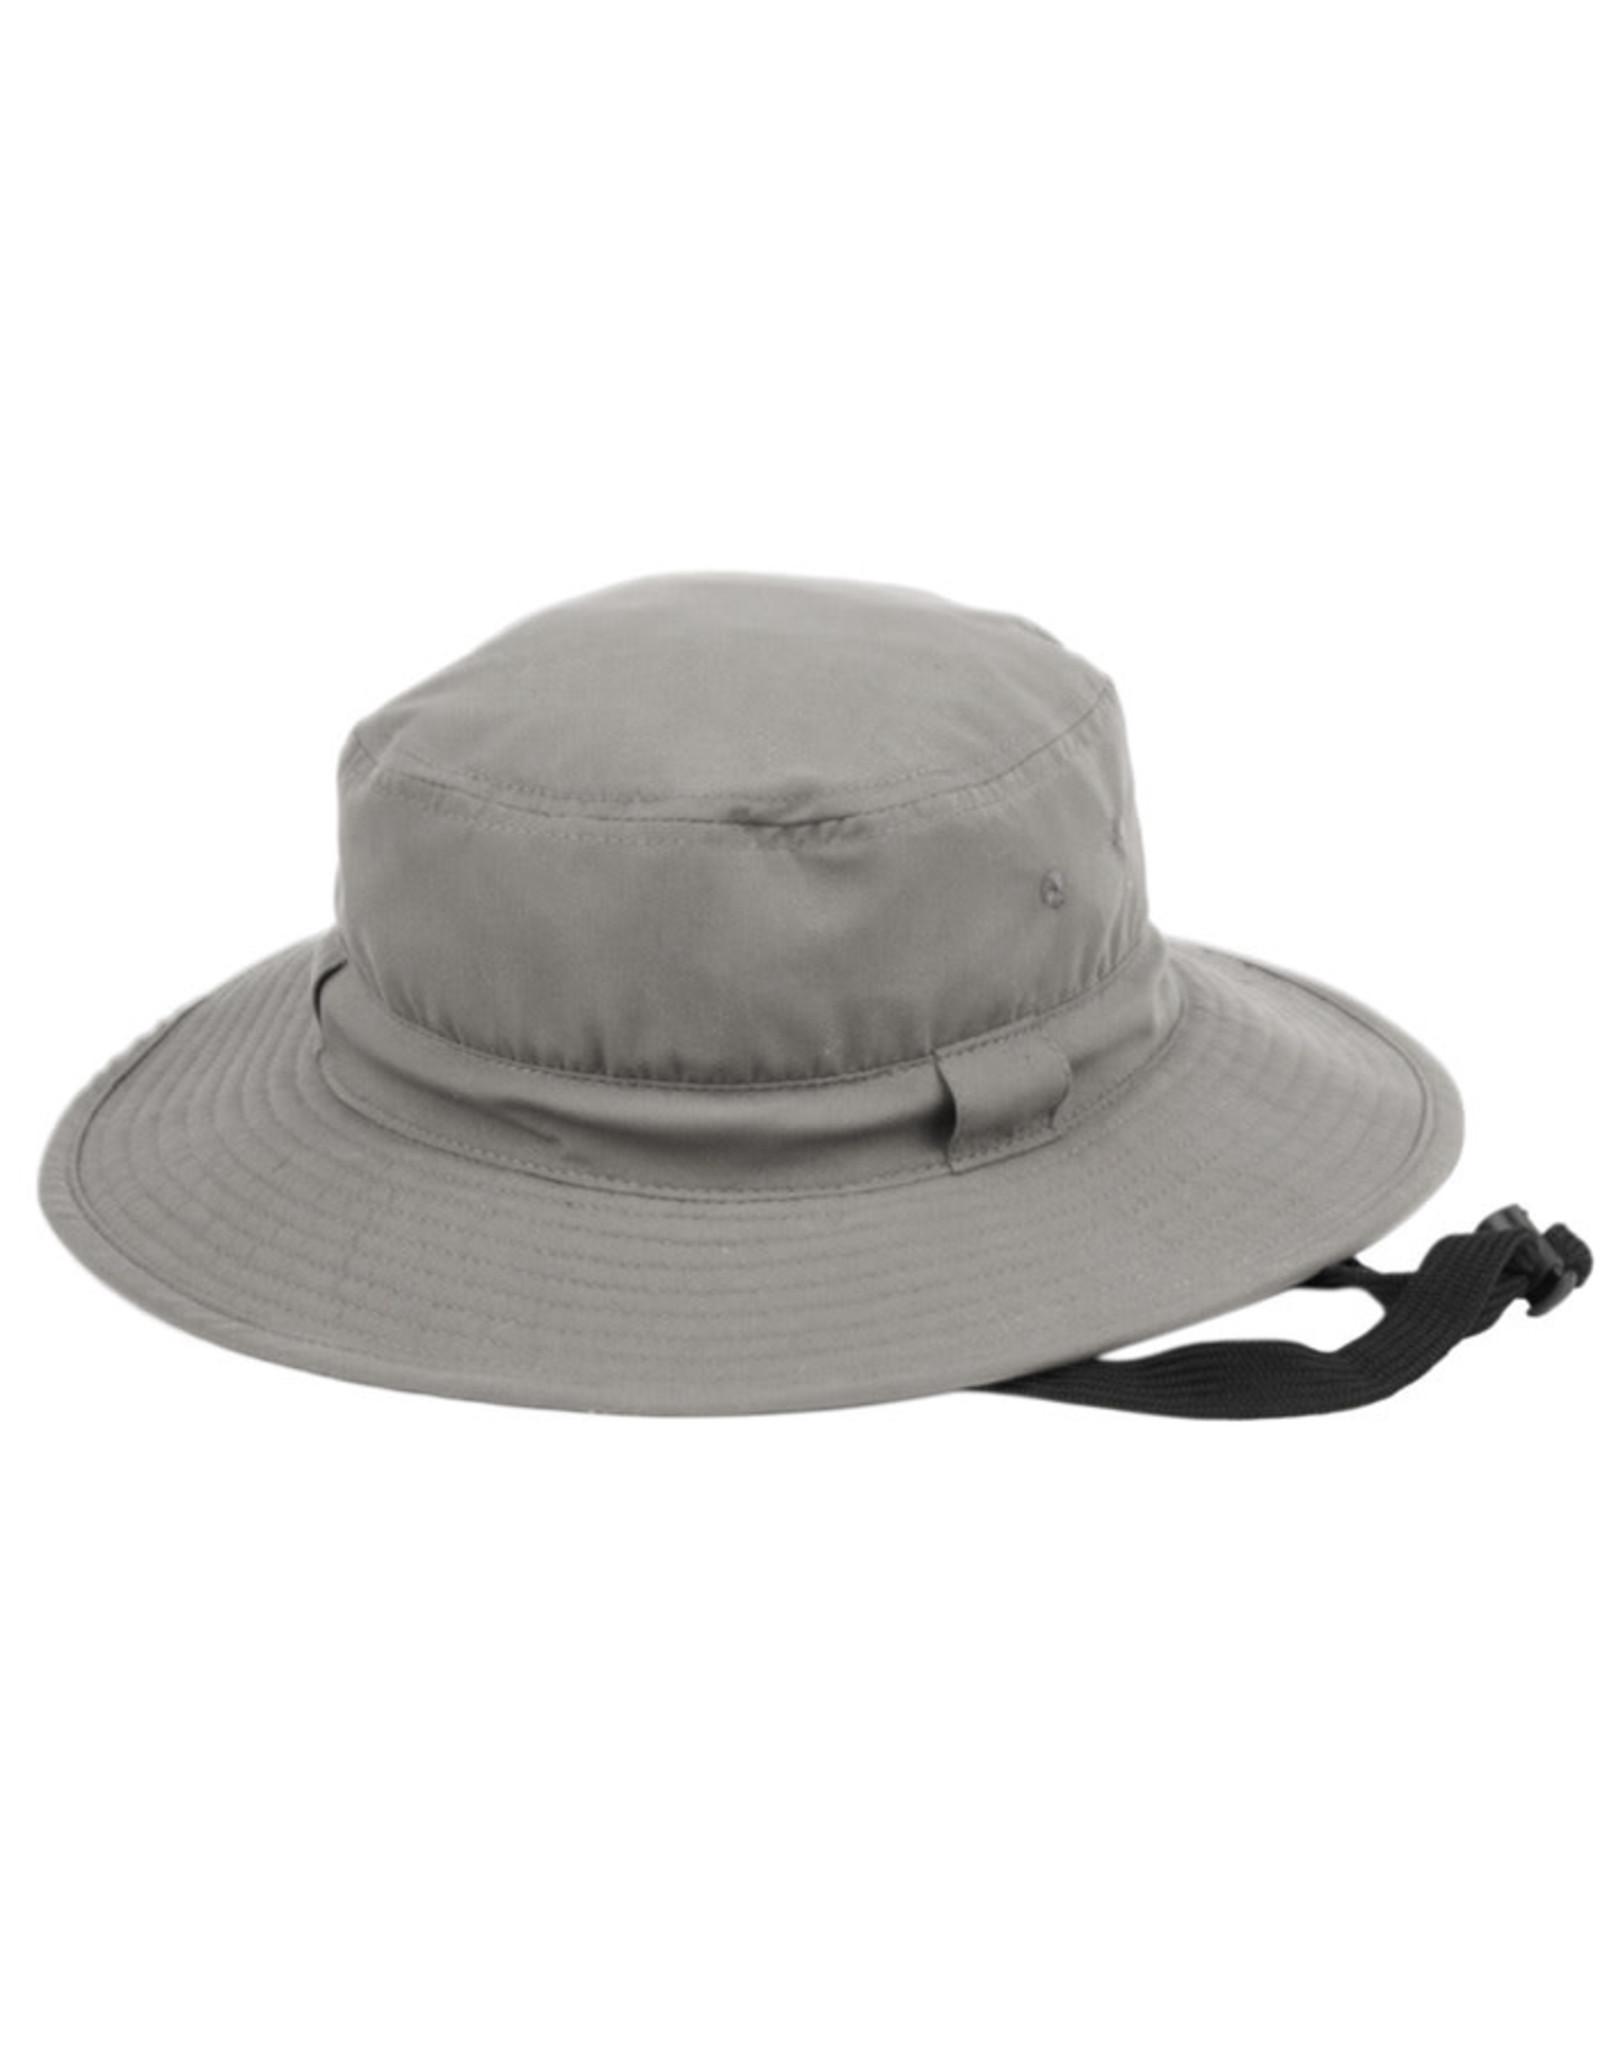 Waterproof outdoor bucket hat